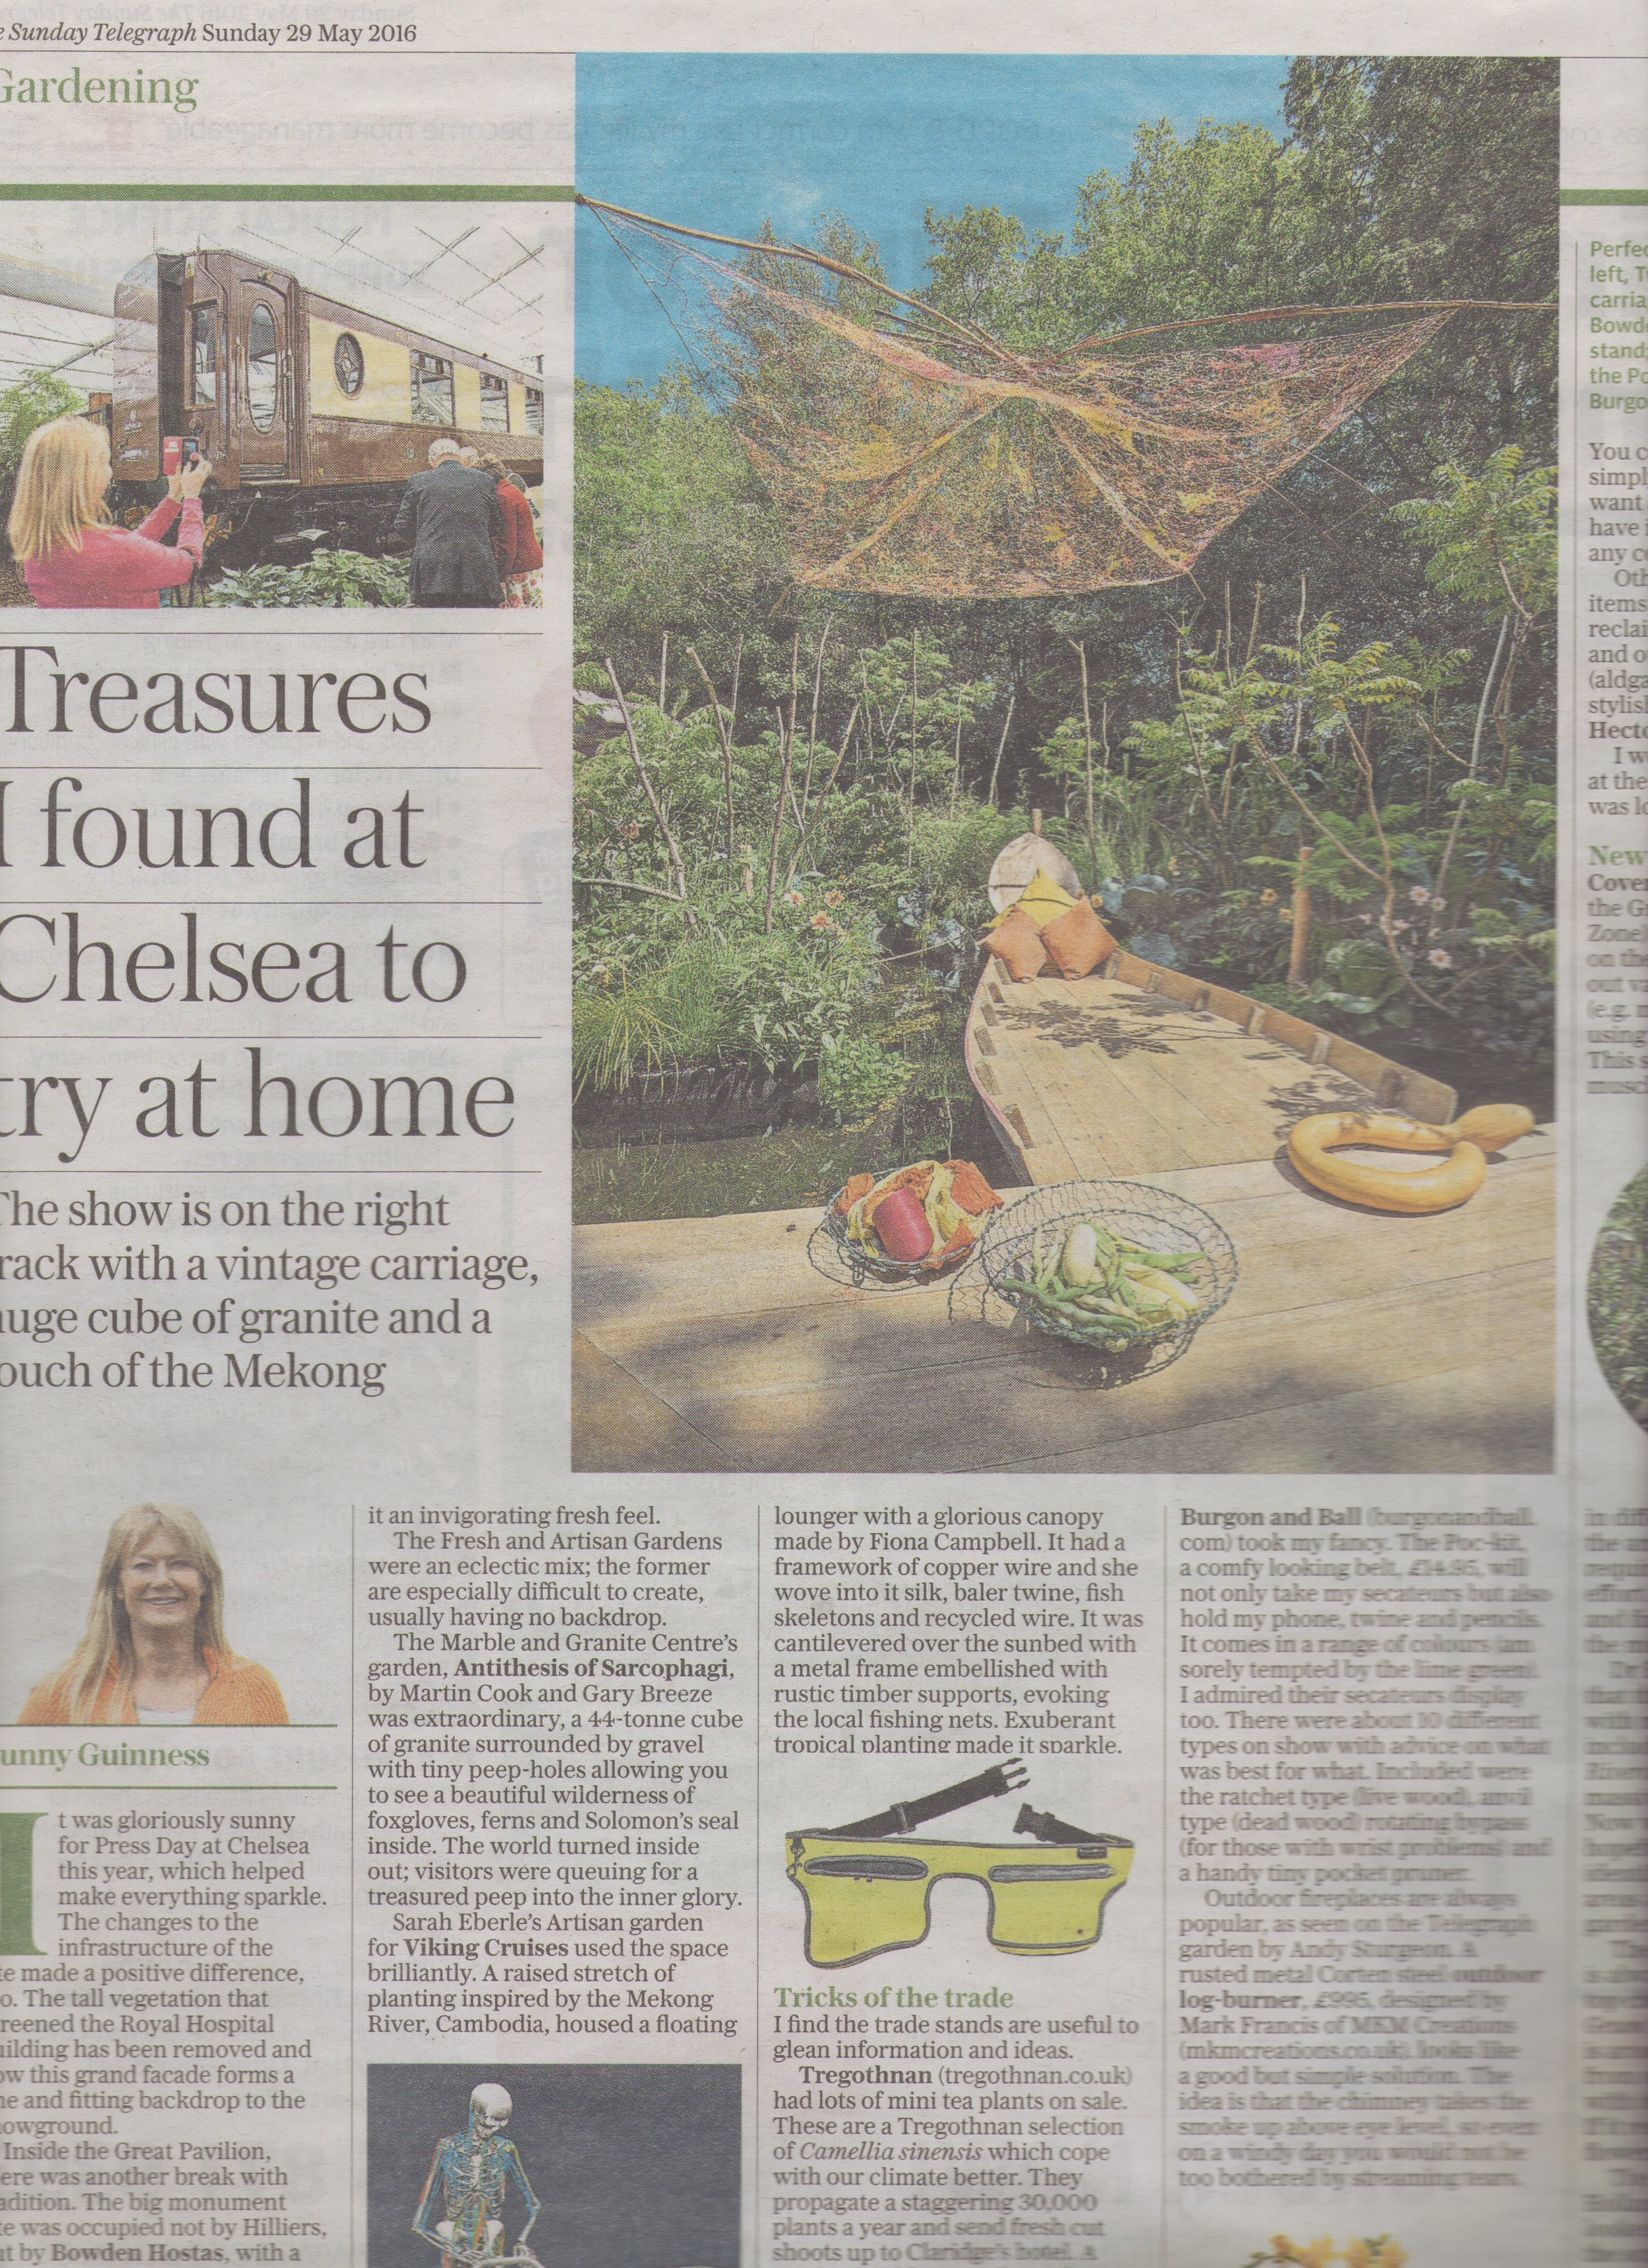 Sunday Telegraph 29 May 16